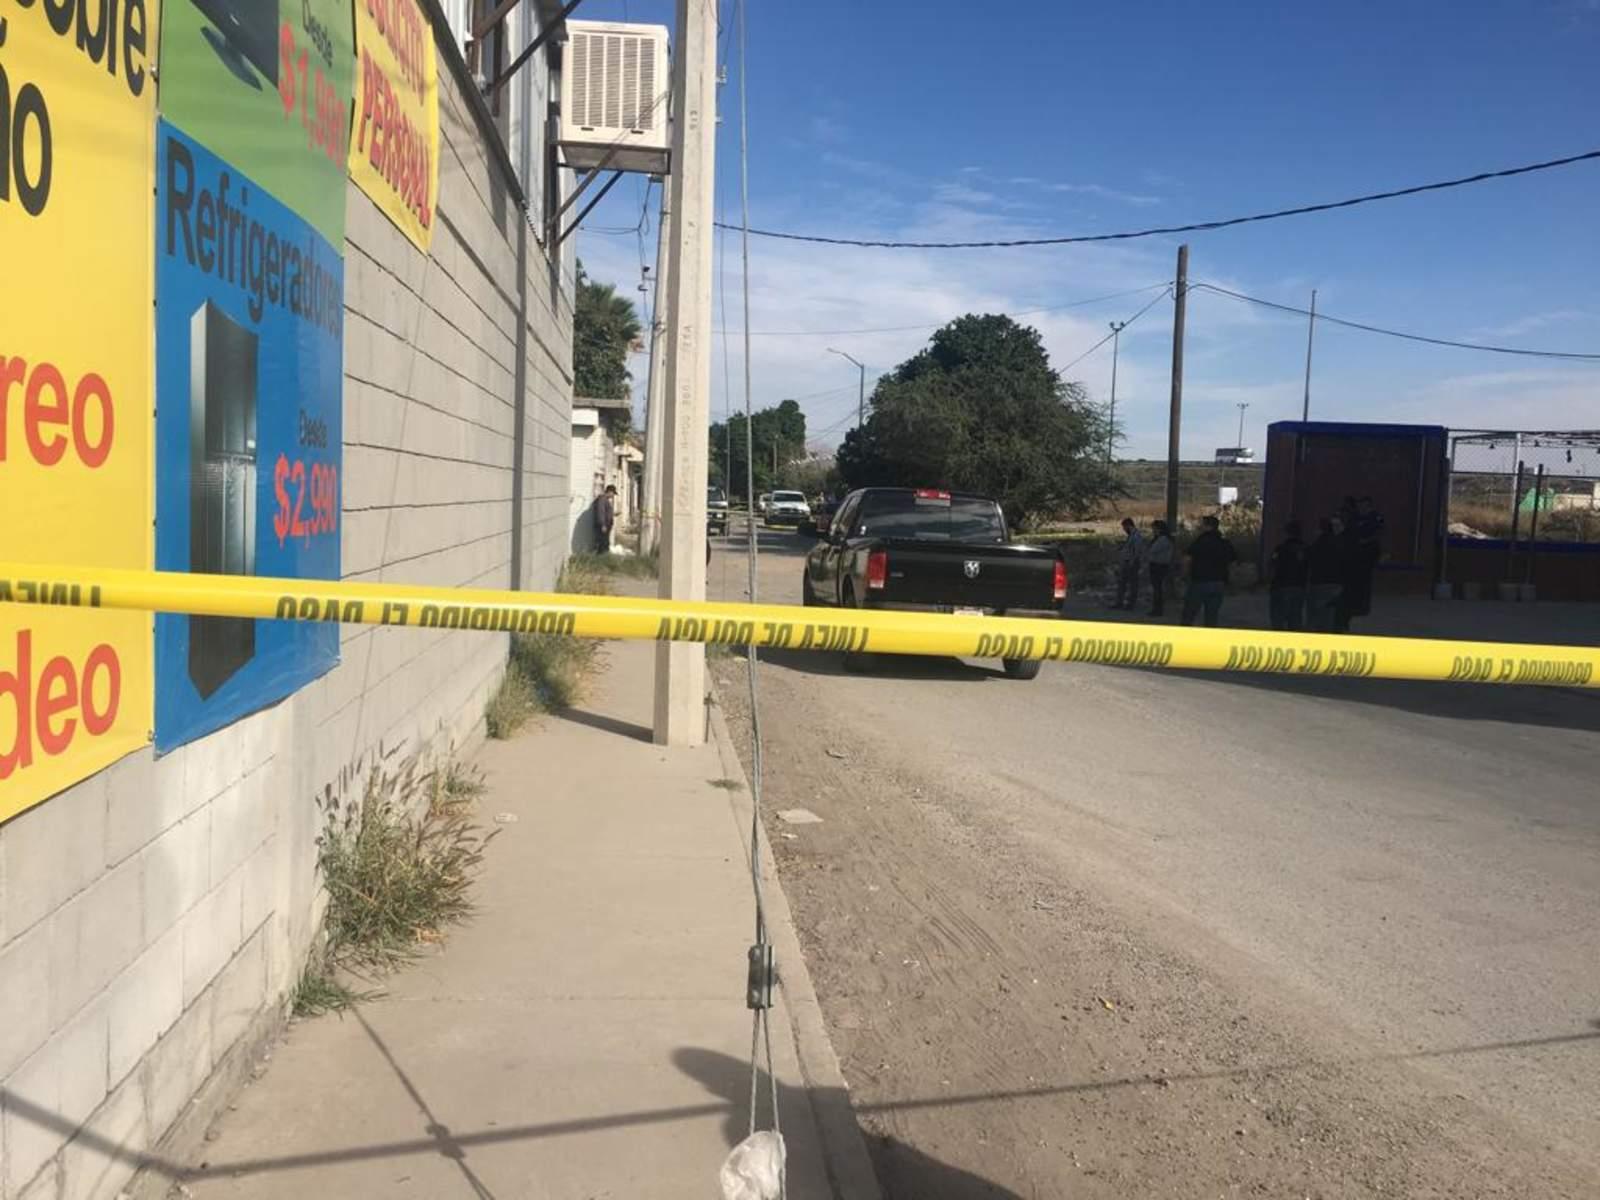 Localizan cuerpo de mujer con huellas de violencia en Villa Florida